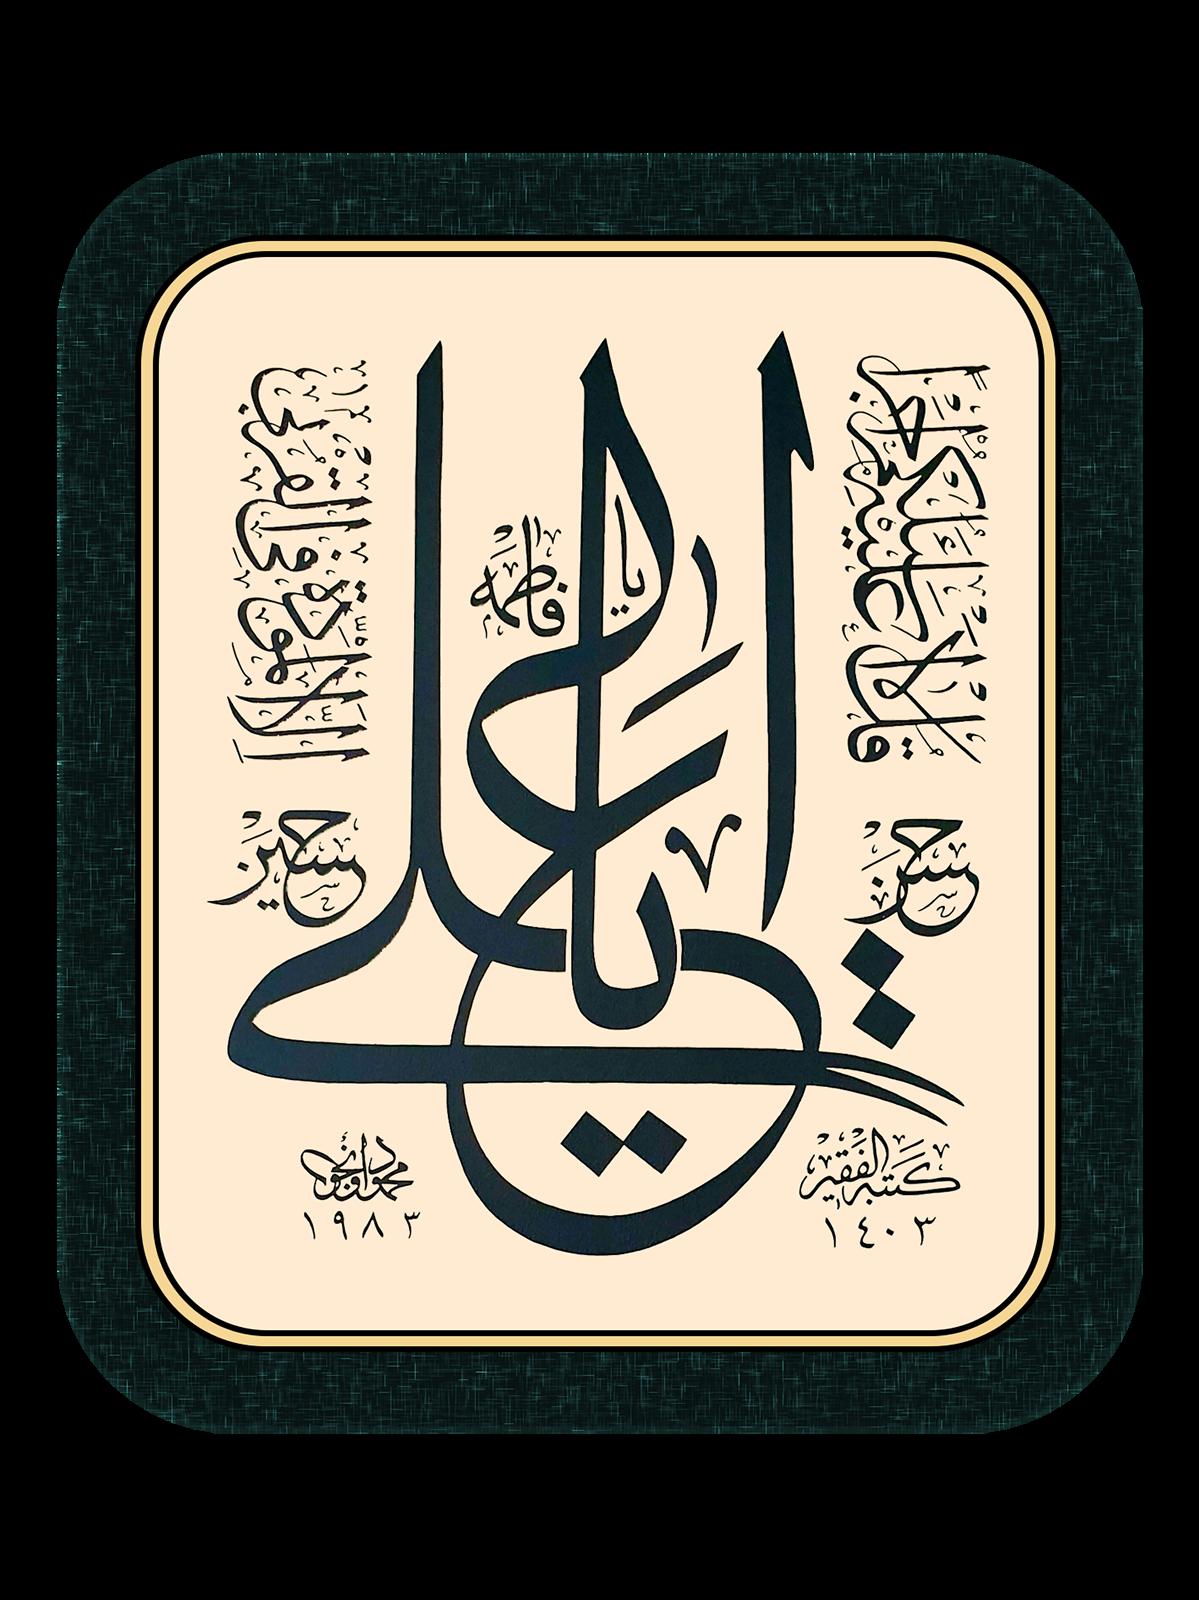 CELÎ SÜLÜS LEVHA / EHL-İ BEYT'İN İSİMLERİ VE ŞÛRÂ SÛRESİ 23. ÂYET / ÖlÇÜ:50X70 CM